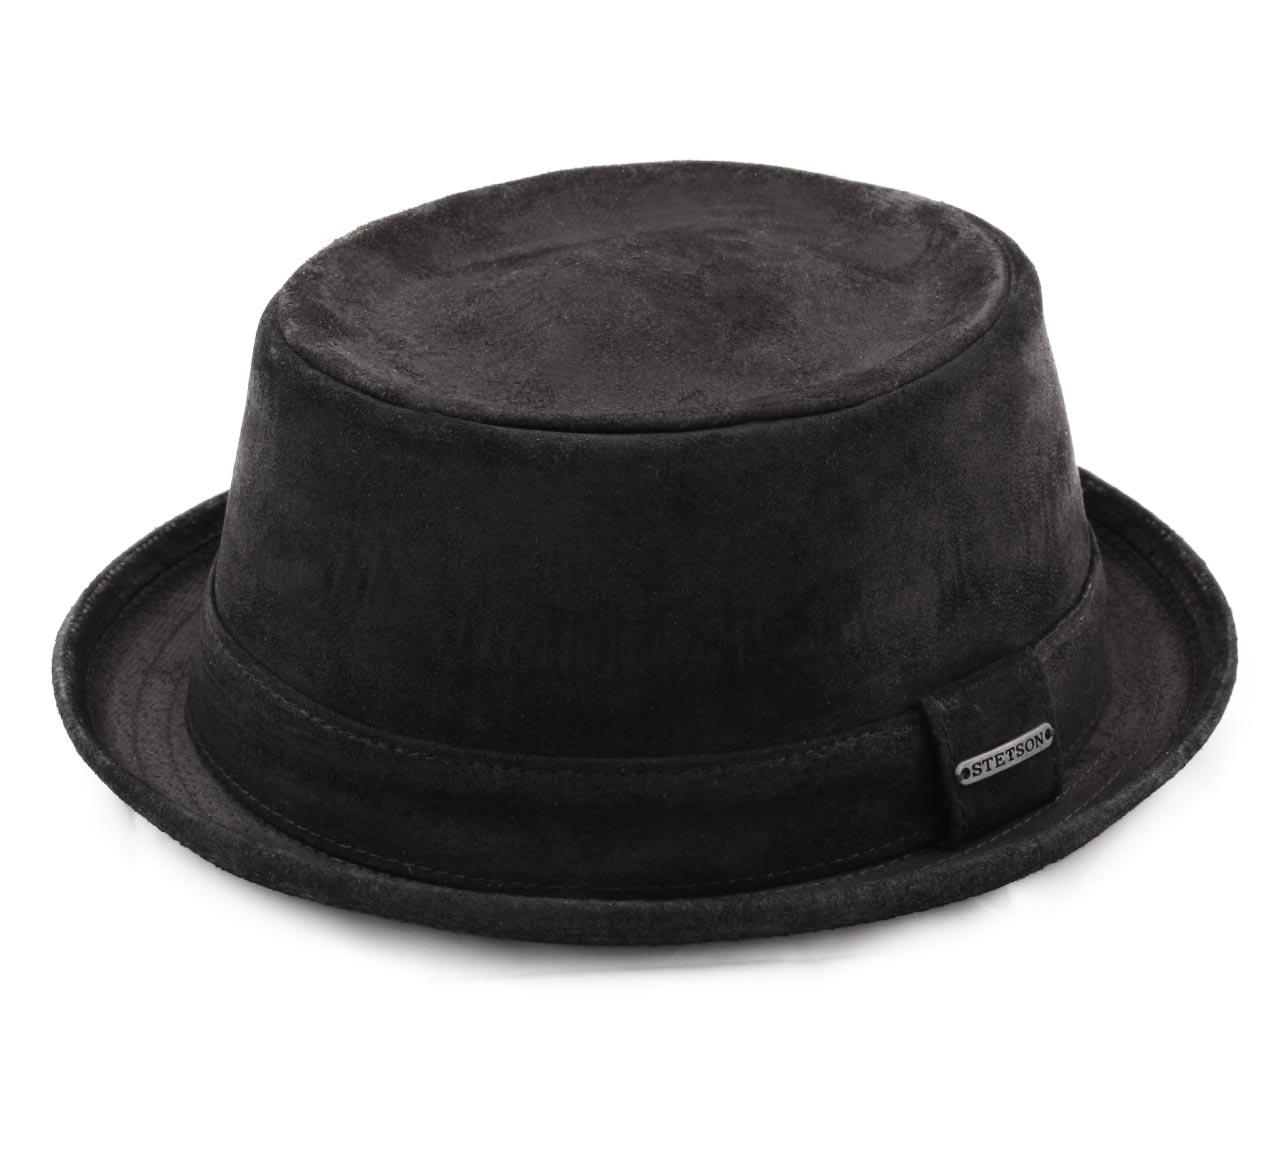 d5ffbba6920616 Pork Pie Pig Skin - Hats Stetson